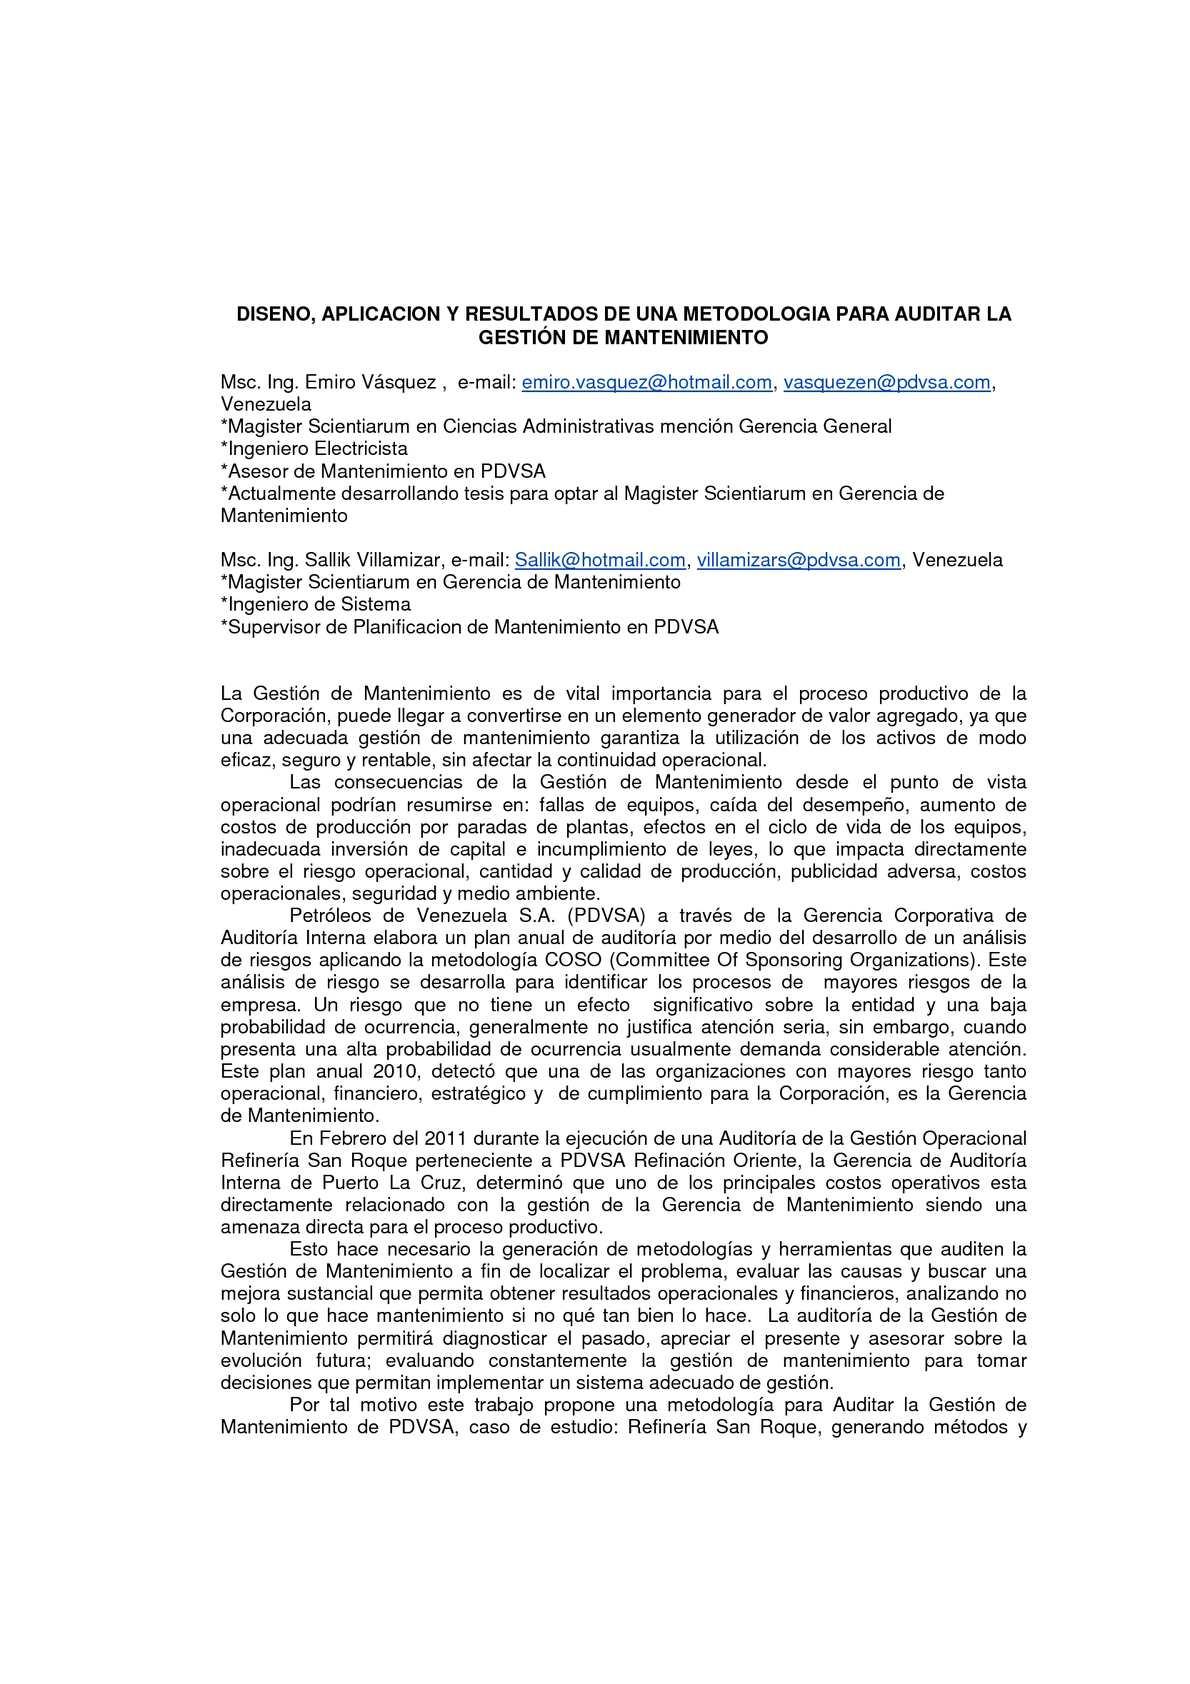 Calaméo - METODOLOGIA PARA AUDITAR LA GESTION DE MANTENIMIENTO